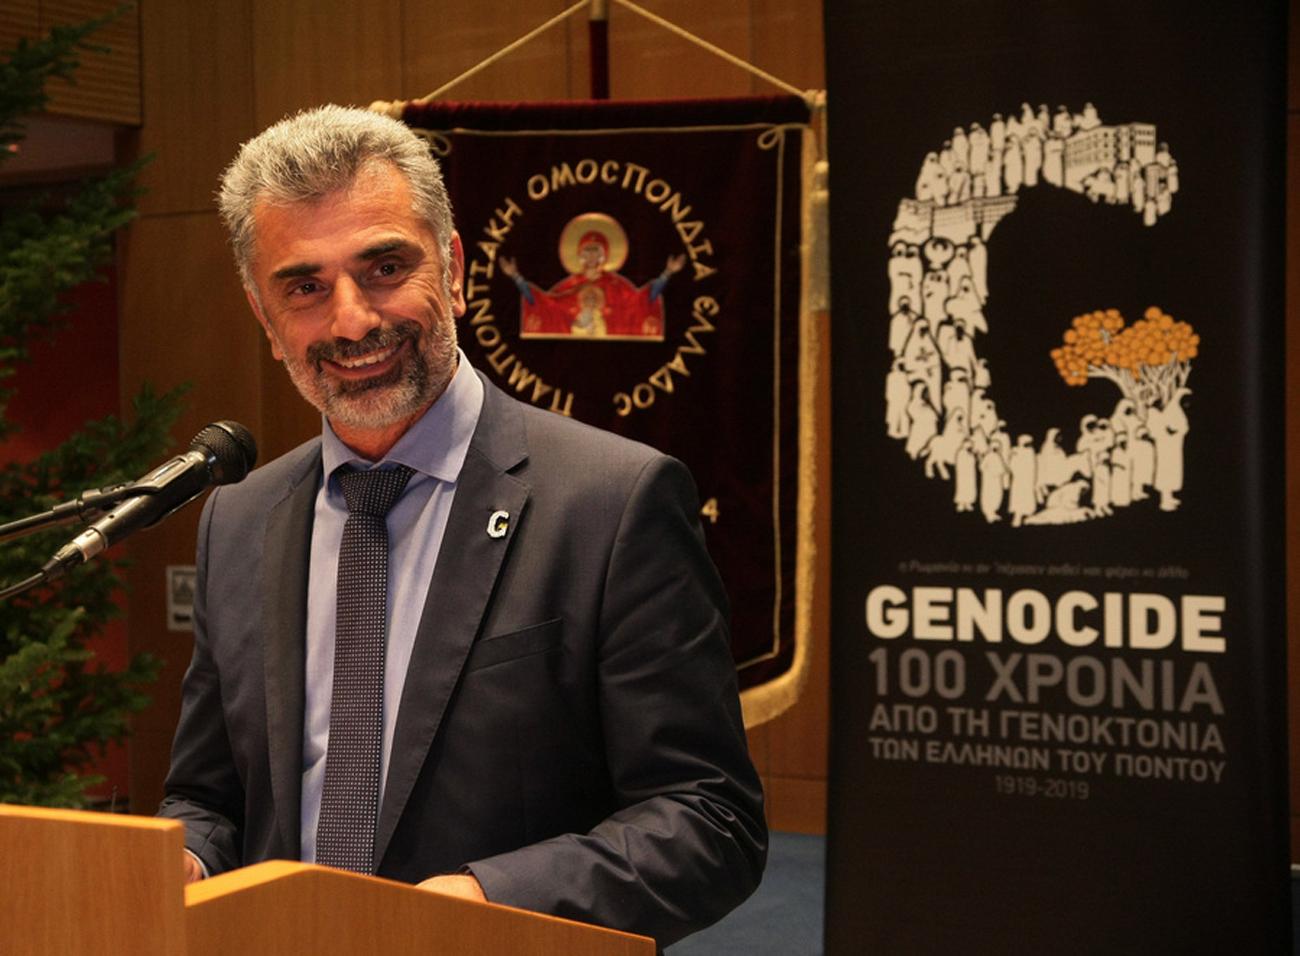 Η Τουρκία απαγόρευσε την είσοδο στον πρόεδρο της Παμποντιακής Ομοσπονδίας Ελλάδος